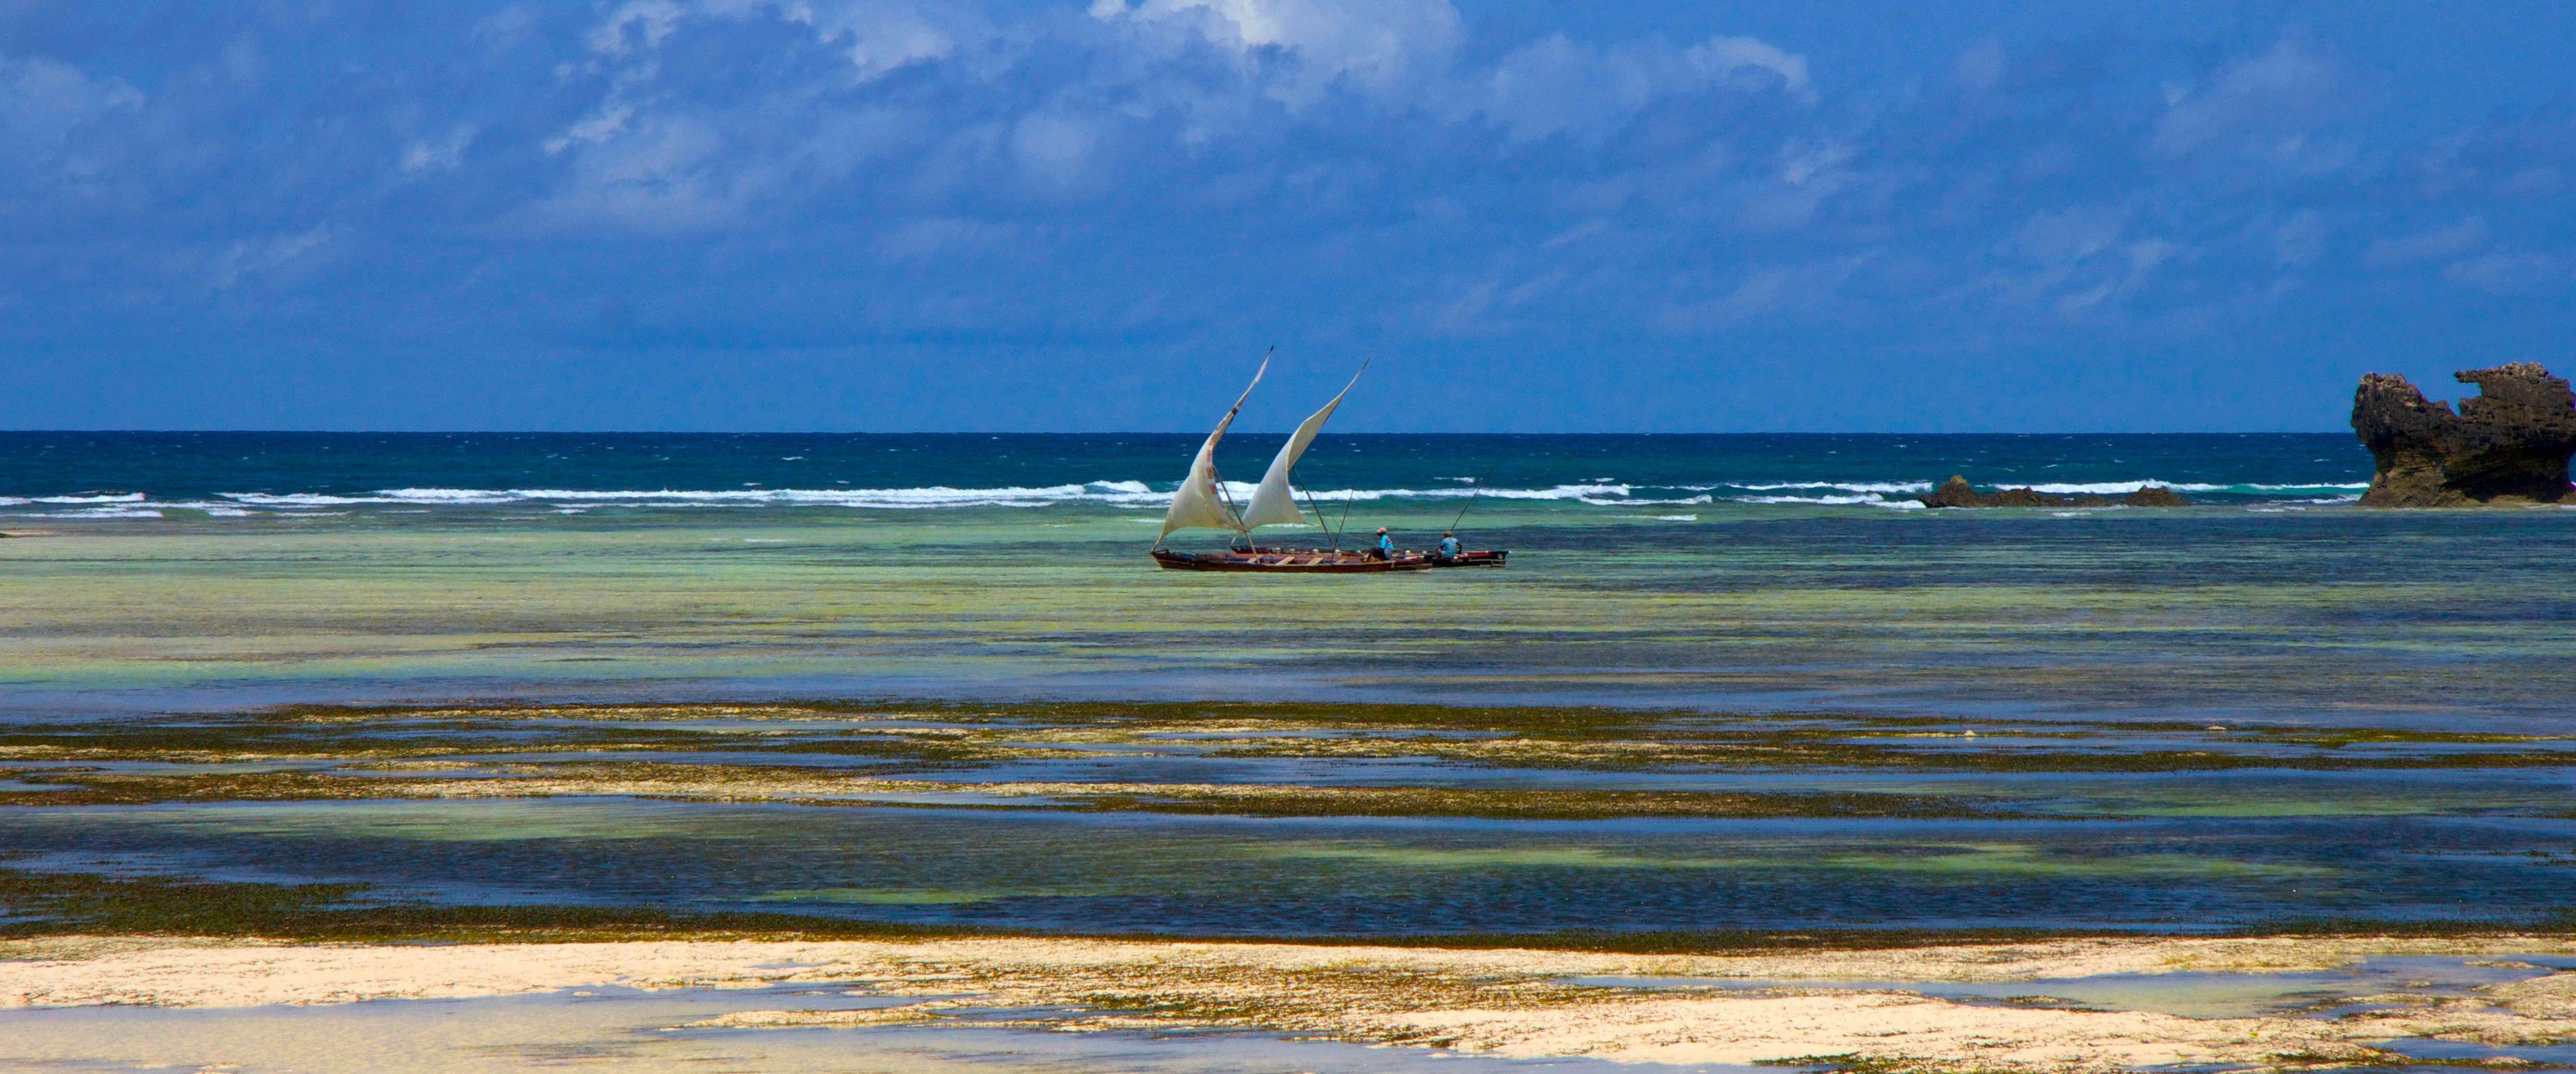 Sea and Beaches, Kenya